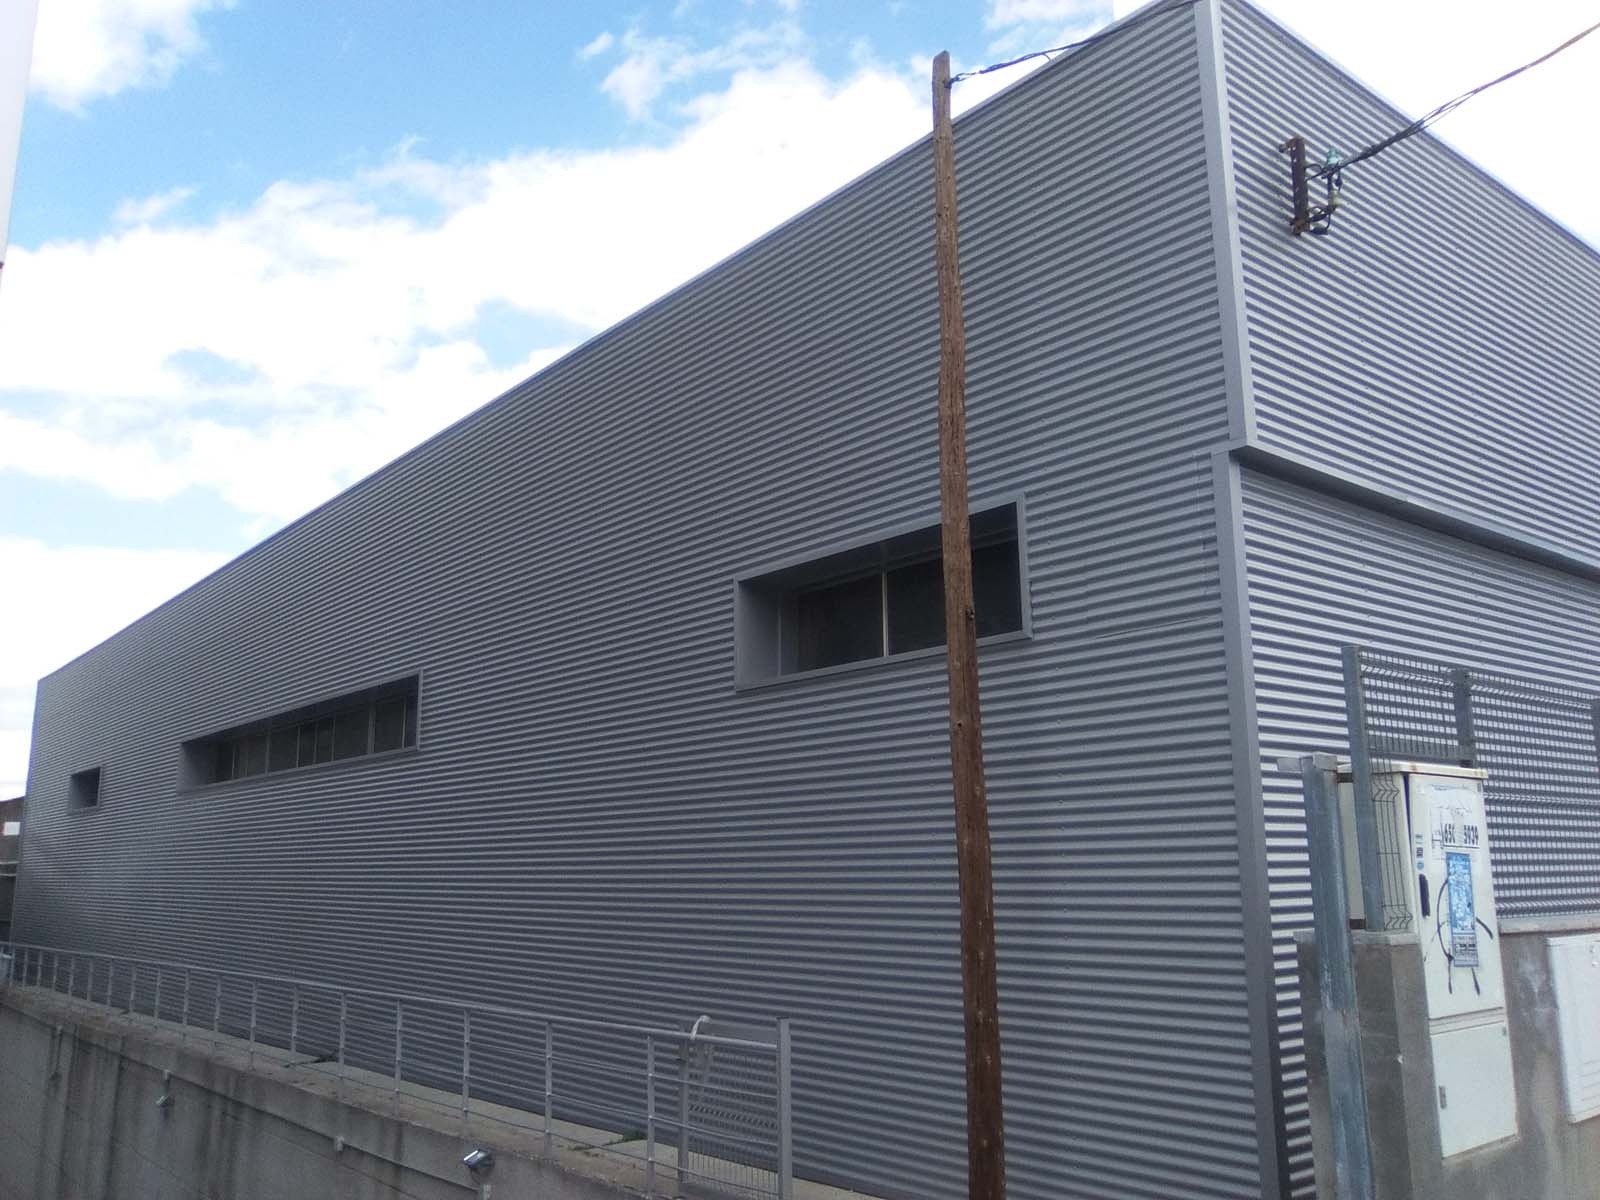 Nave industrial en coslada madrid revestimiento de for Revestimiento exterior zinc